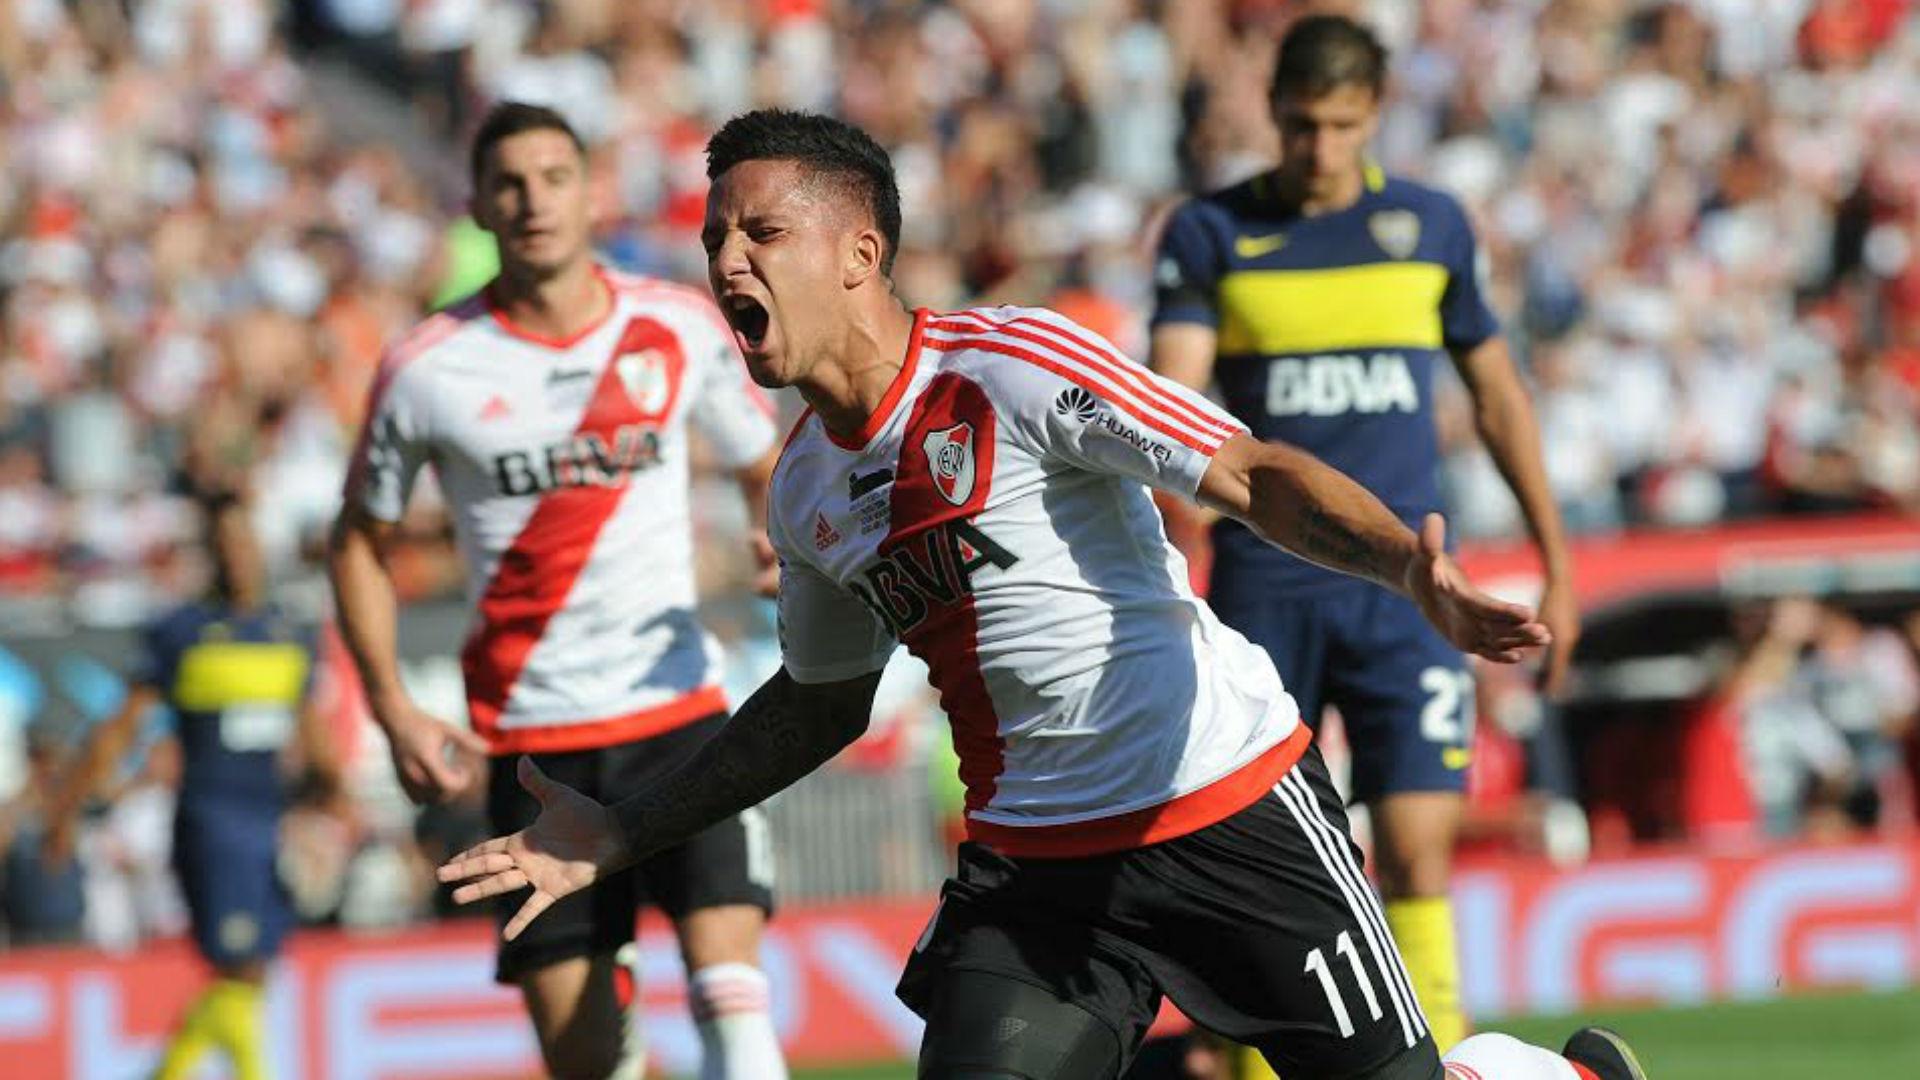 River arrancó su pretemporada con una goleada ante Chivas Academy